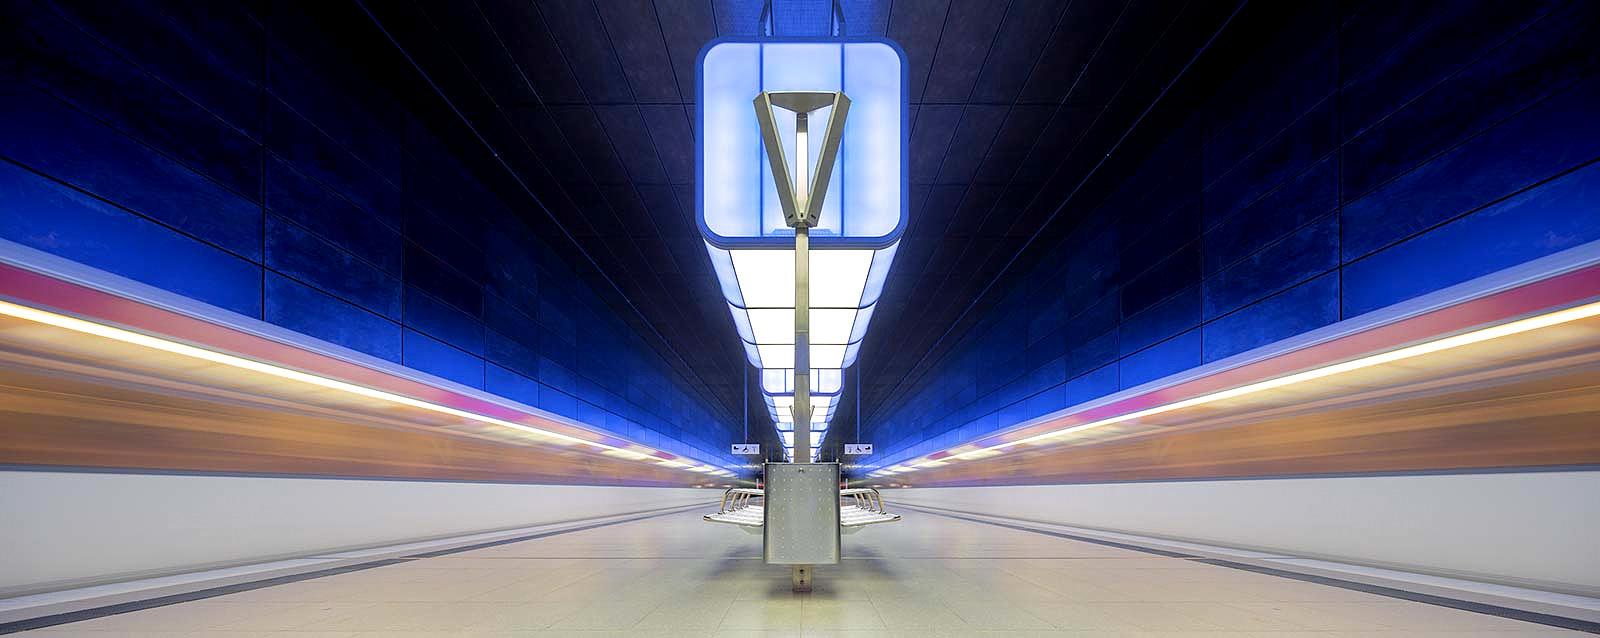 Underground 8  by Markus Studtmann